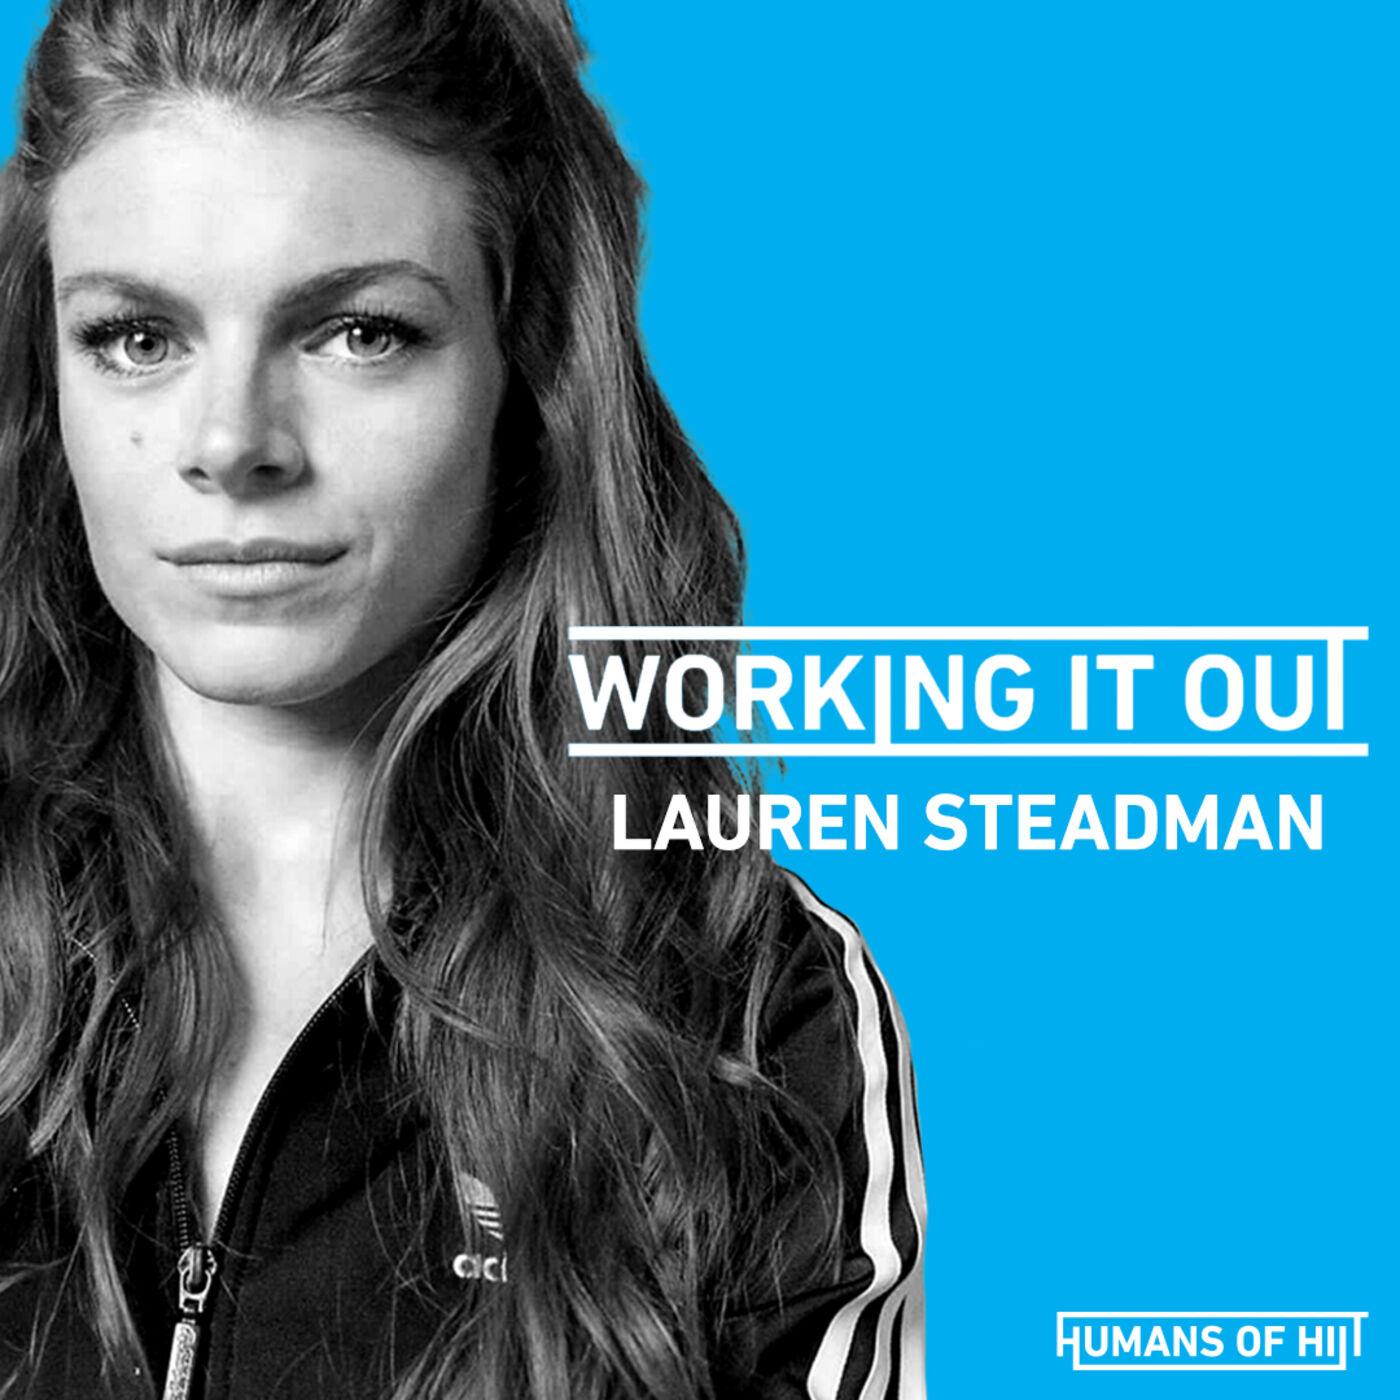 Episode 1 - Lauren Steadman